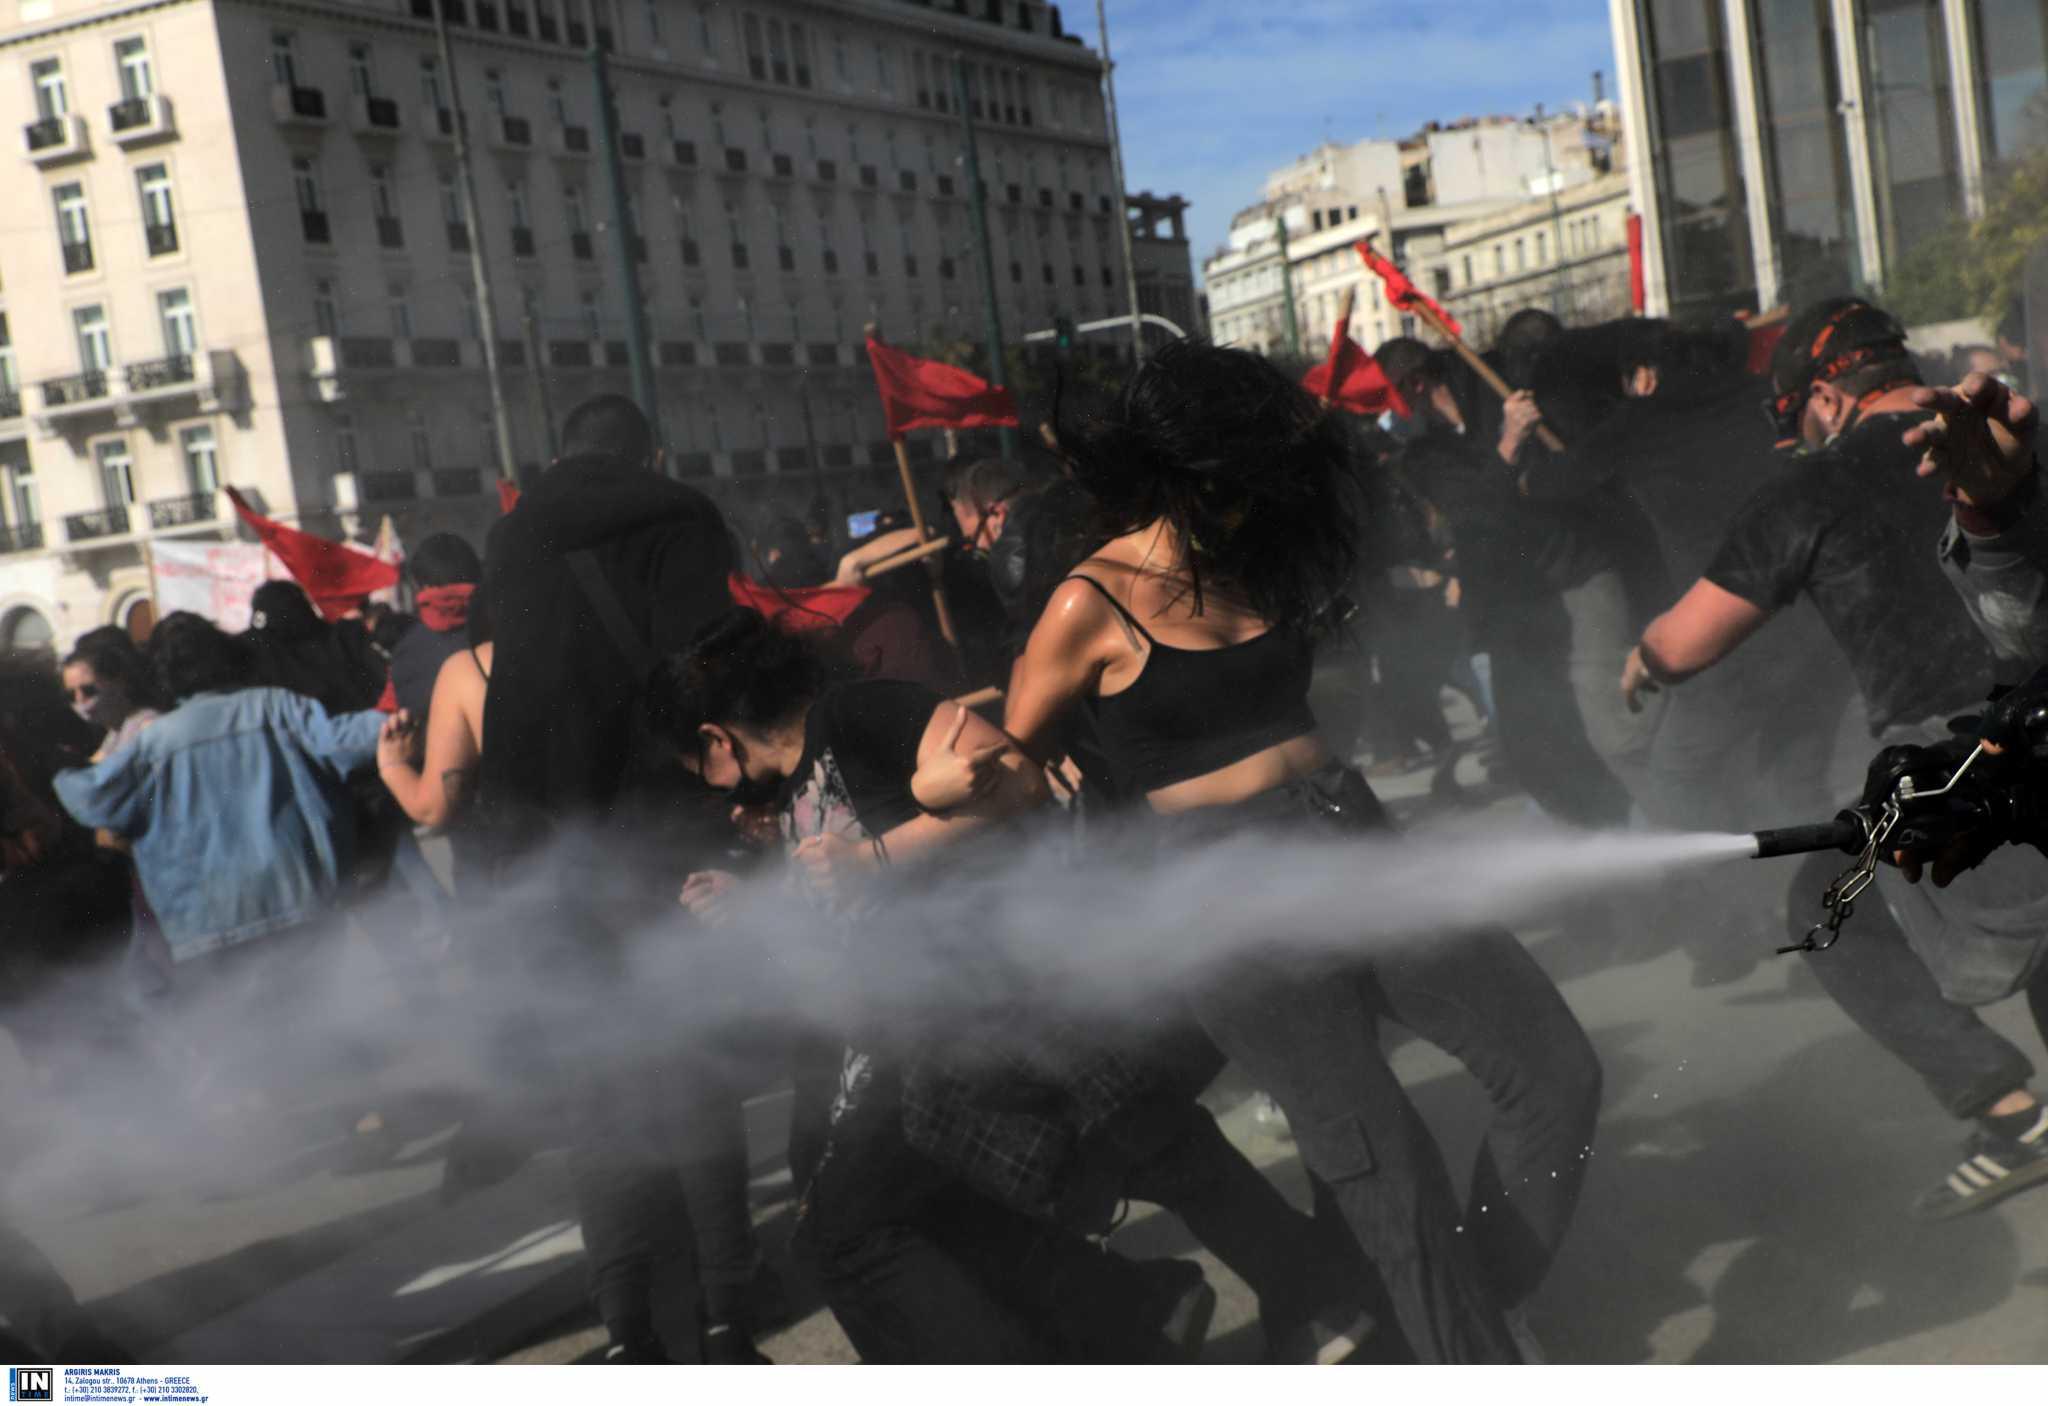 Πανεκπαιδευτικό συλλαλητήριο: Ποινική δίωξη στους συλληφθέντες στα επεισόδια της Τετάρτης